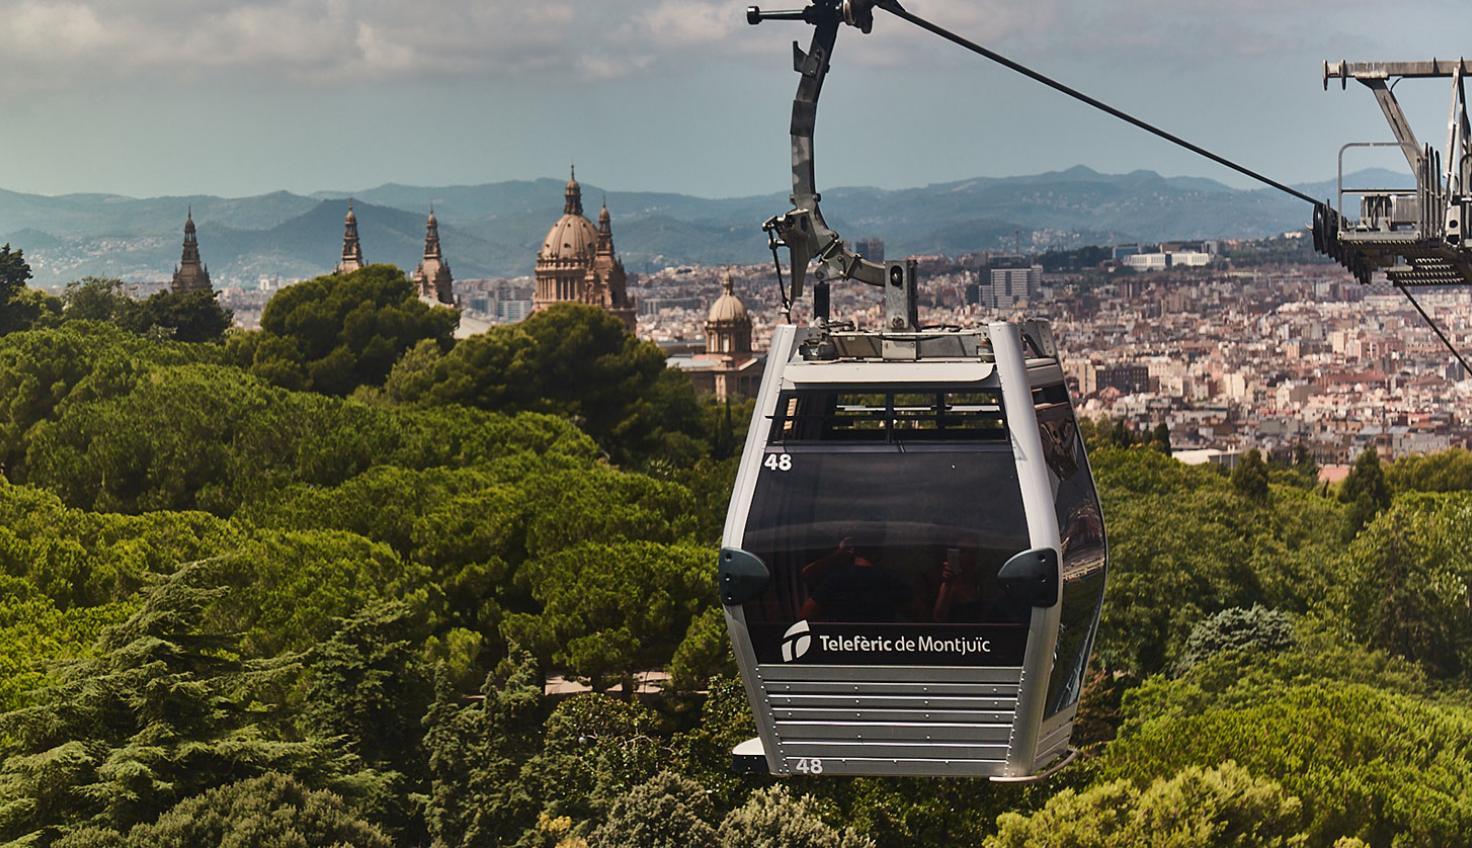 Le Téléphérique de Montjuïc